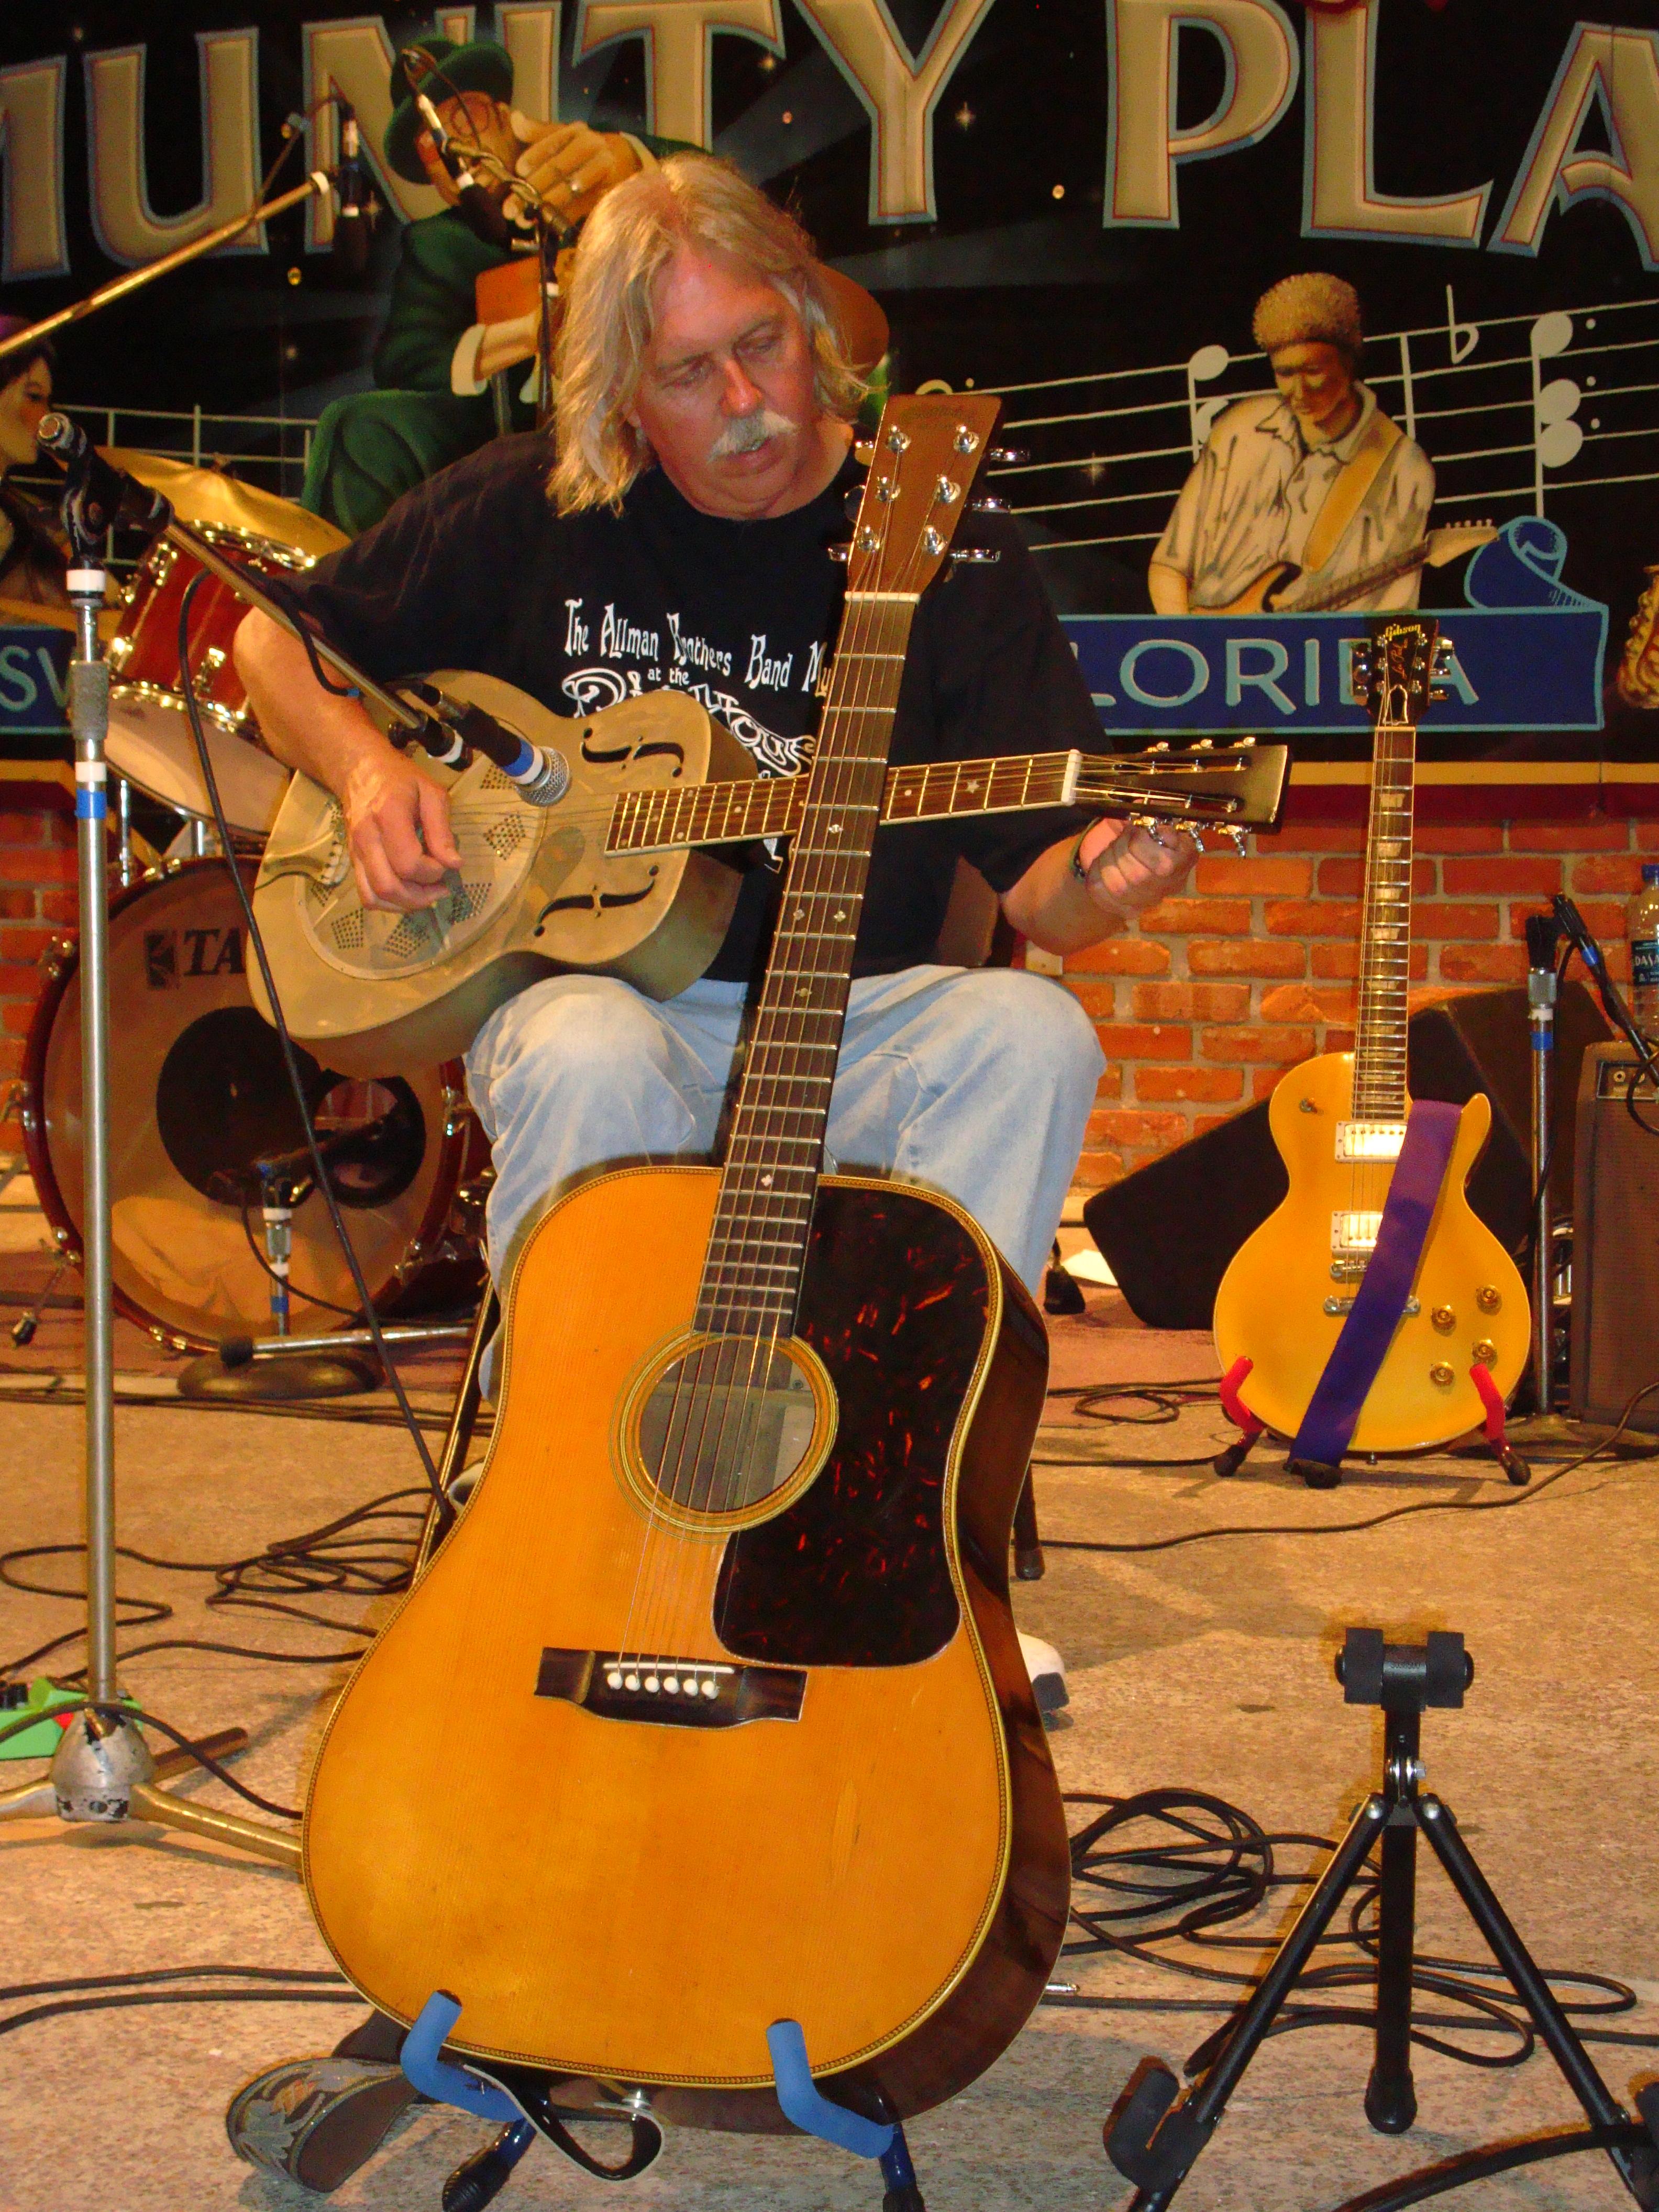 Fever guitar